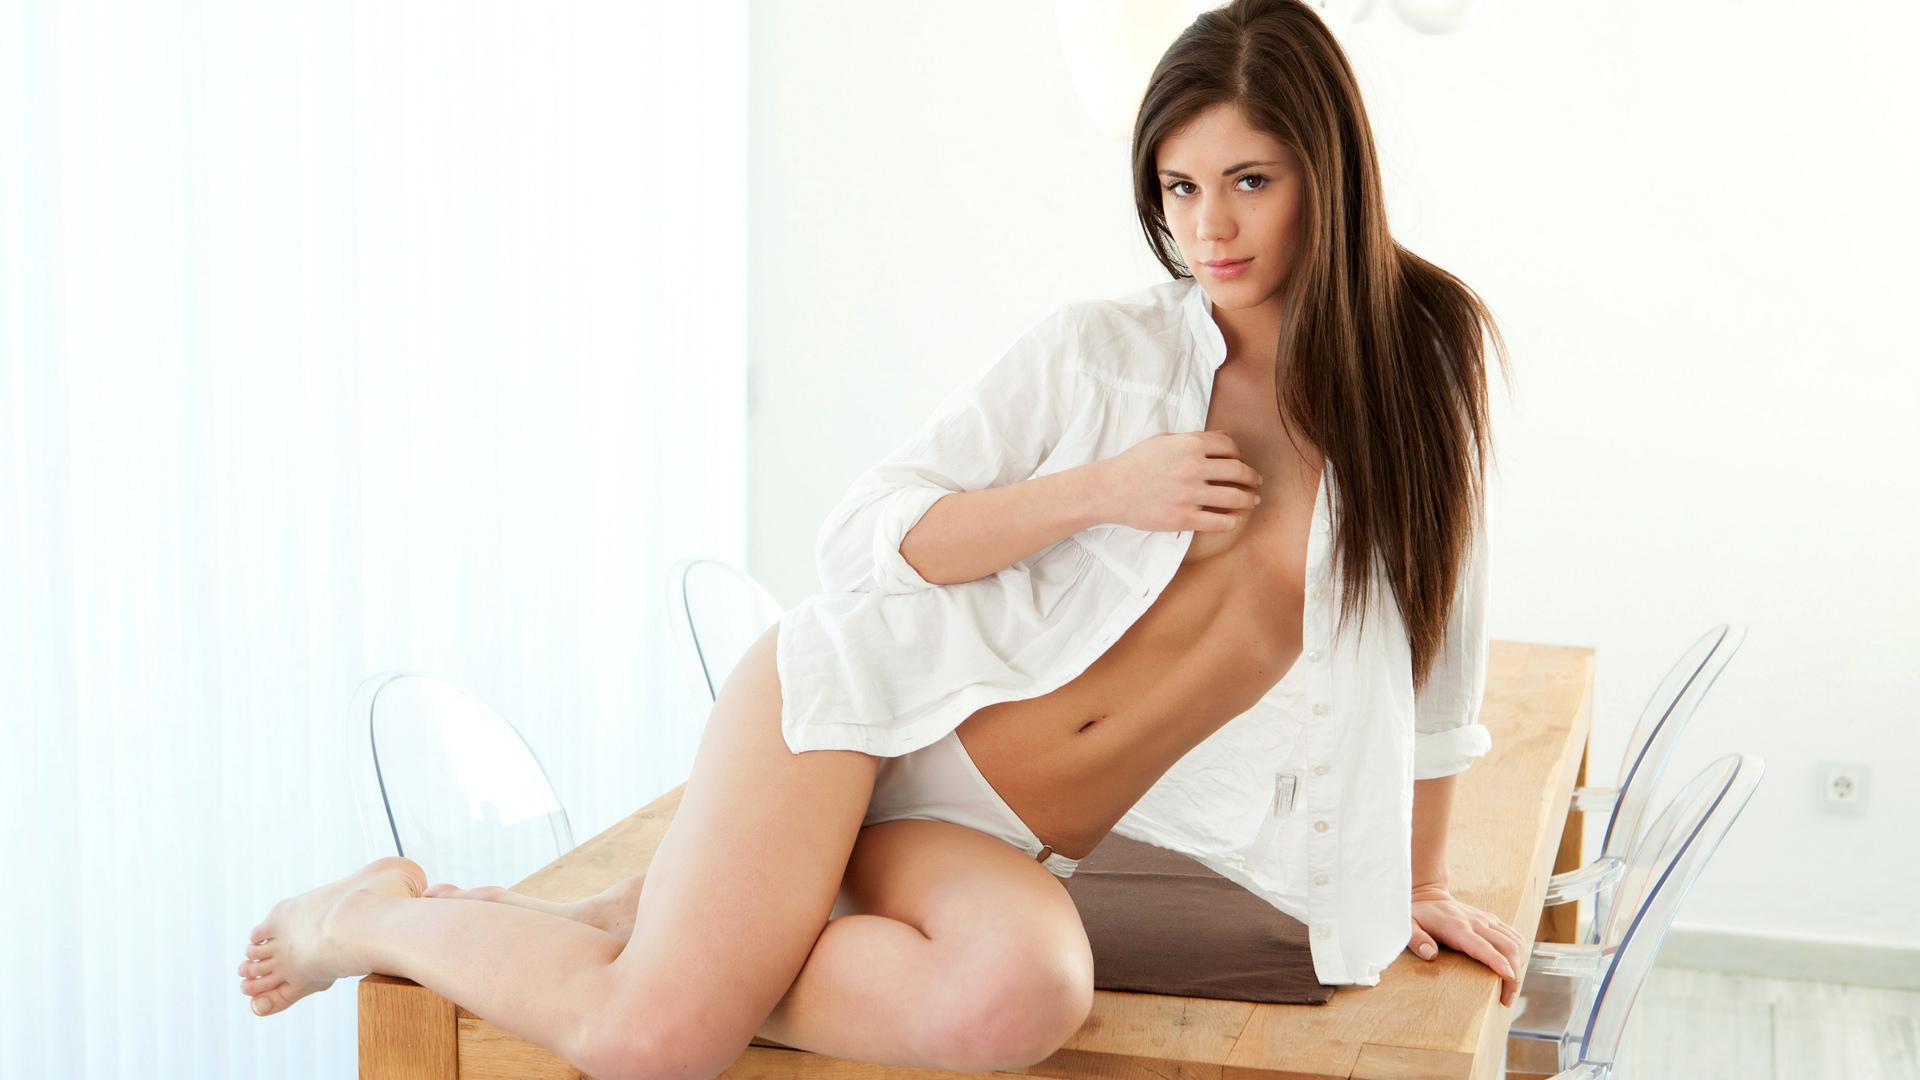 красивая, на столе, позирует, рубашка, лицо, трусики